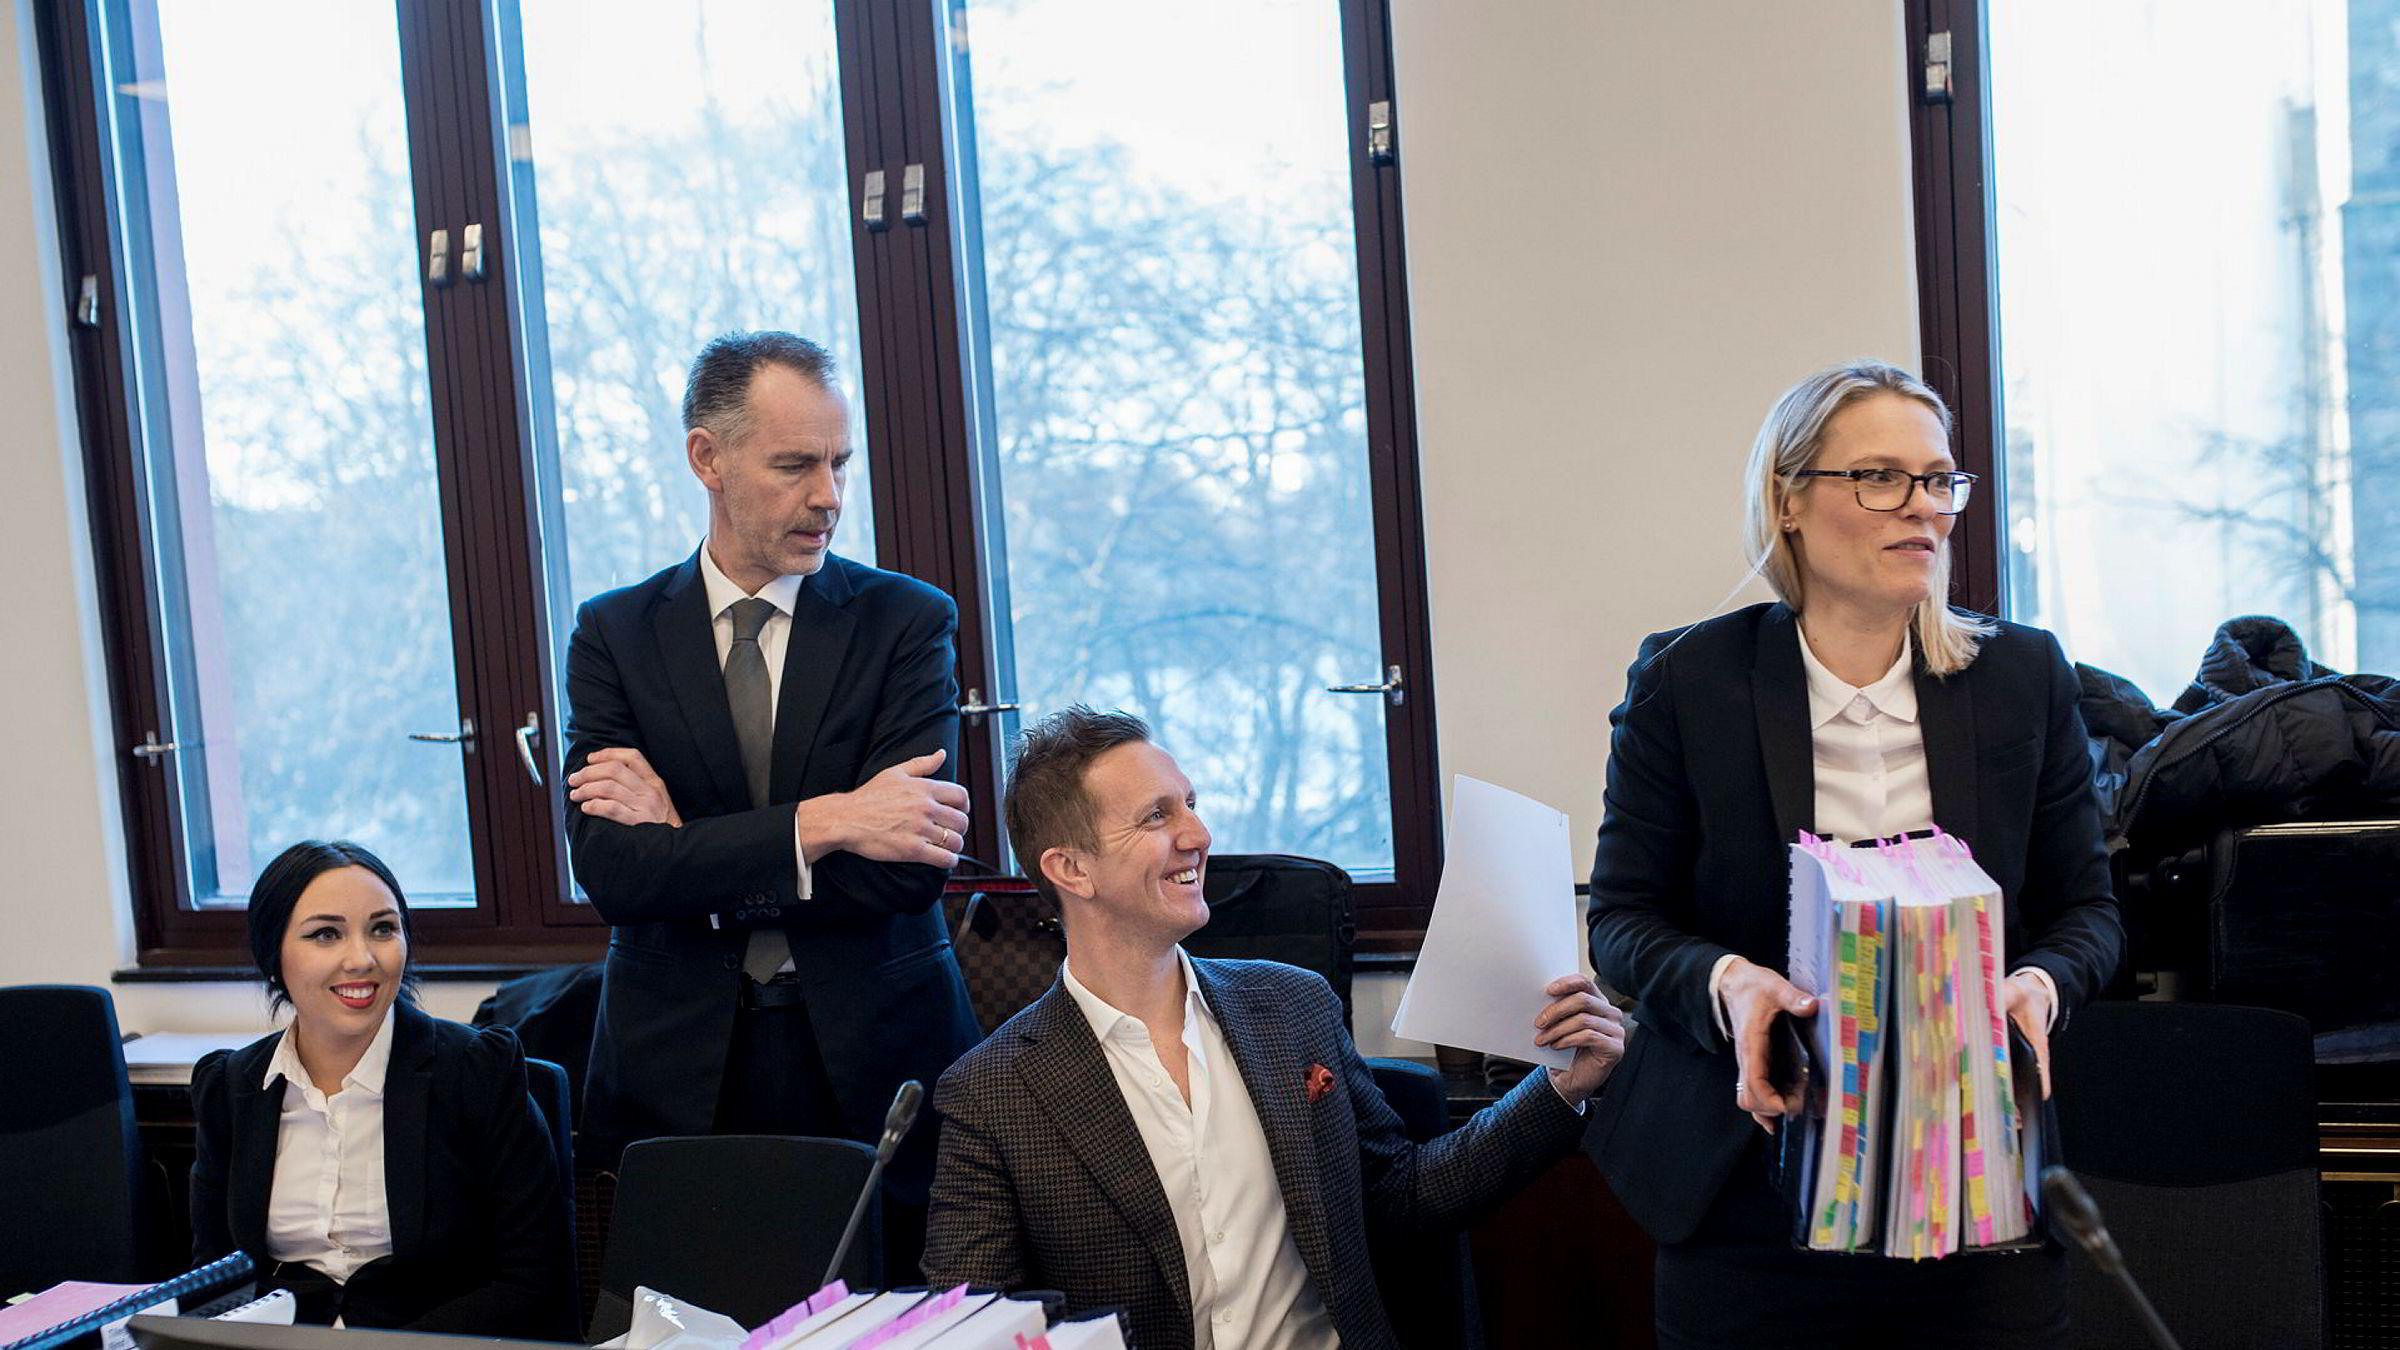 Advokatene Nina Thommesen, til venstre og Bård Koppang ledet an i forsvaret av Kjetil Andersen, i midten, i Stavanger tingrett mandag. Advokat Belinda Taranger Ingebrigtsen, til høyre, skal gå nærmere gjennom de økonomiske sidene av saken tirsdag.